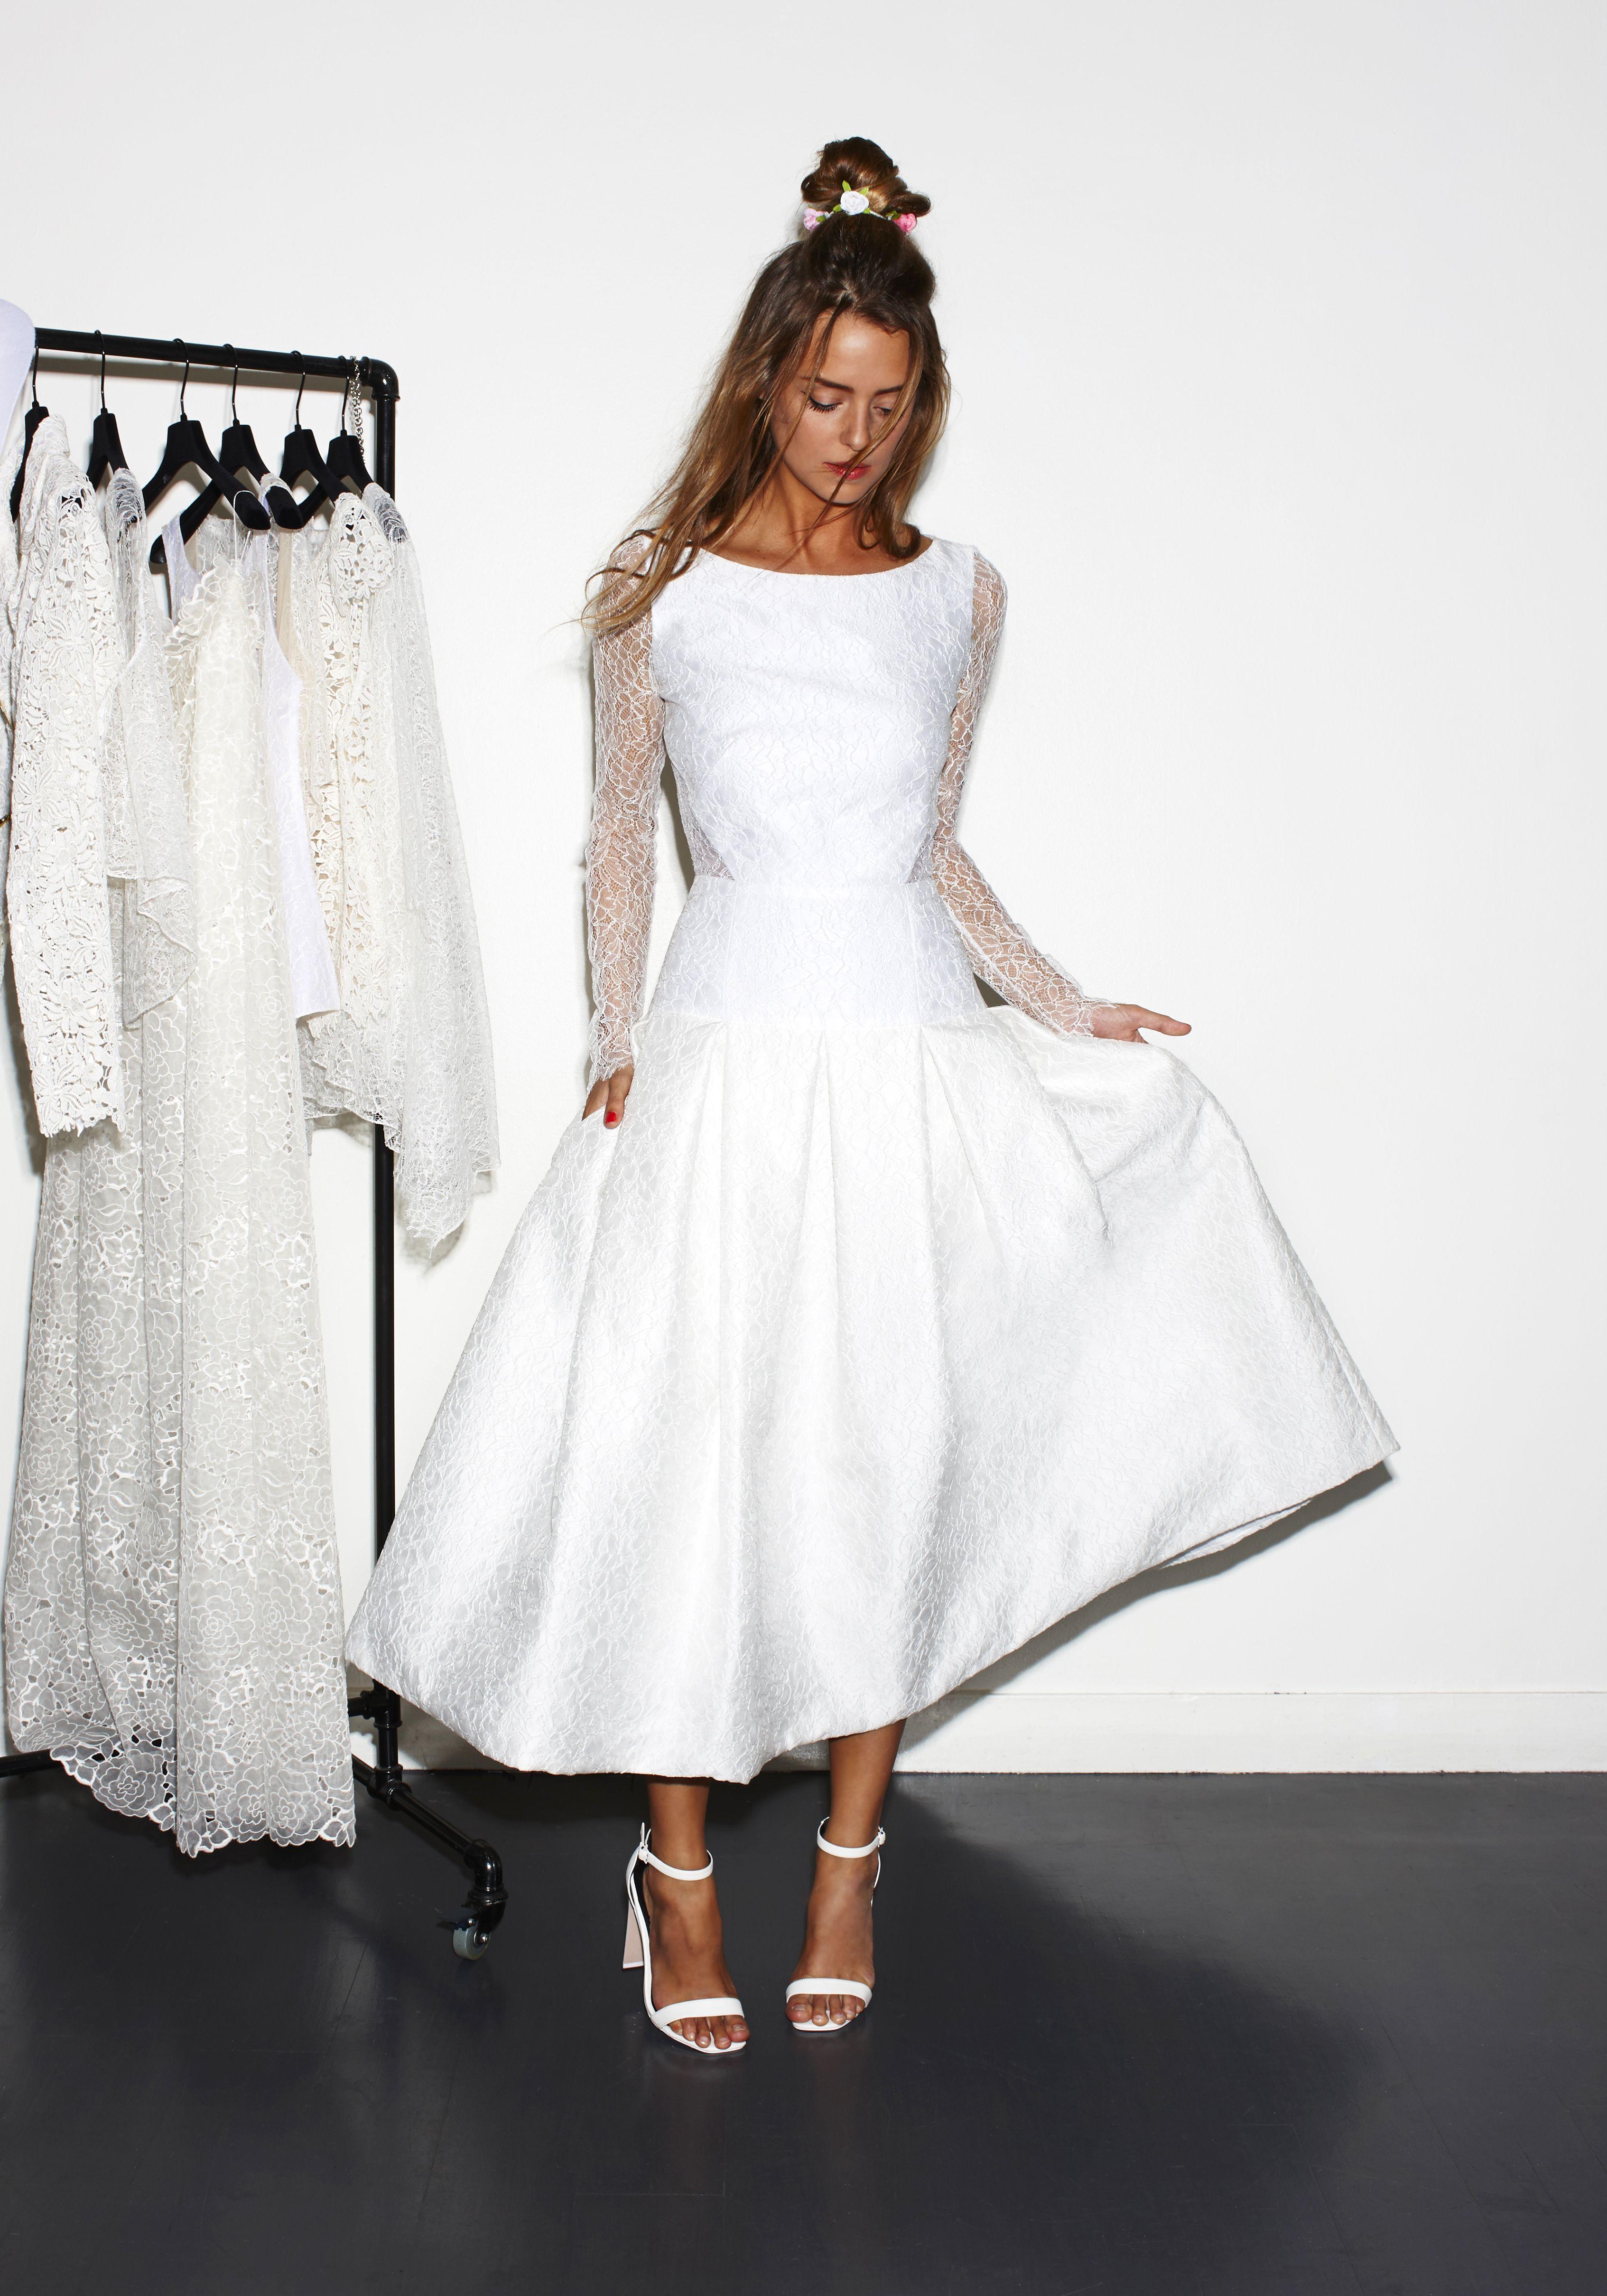 Kurze Brautkleider | Wedding dress and Weddings